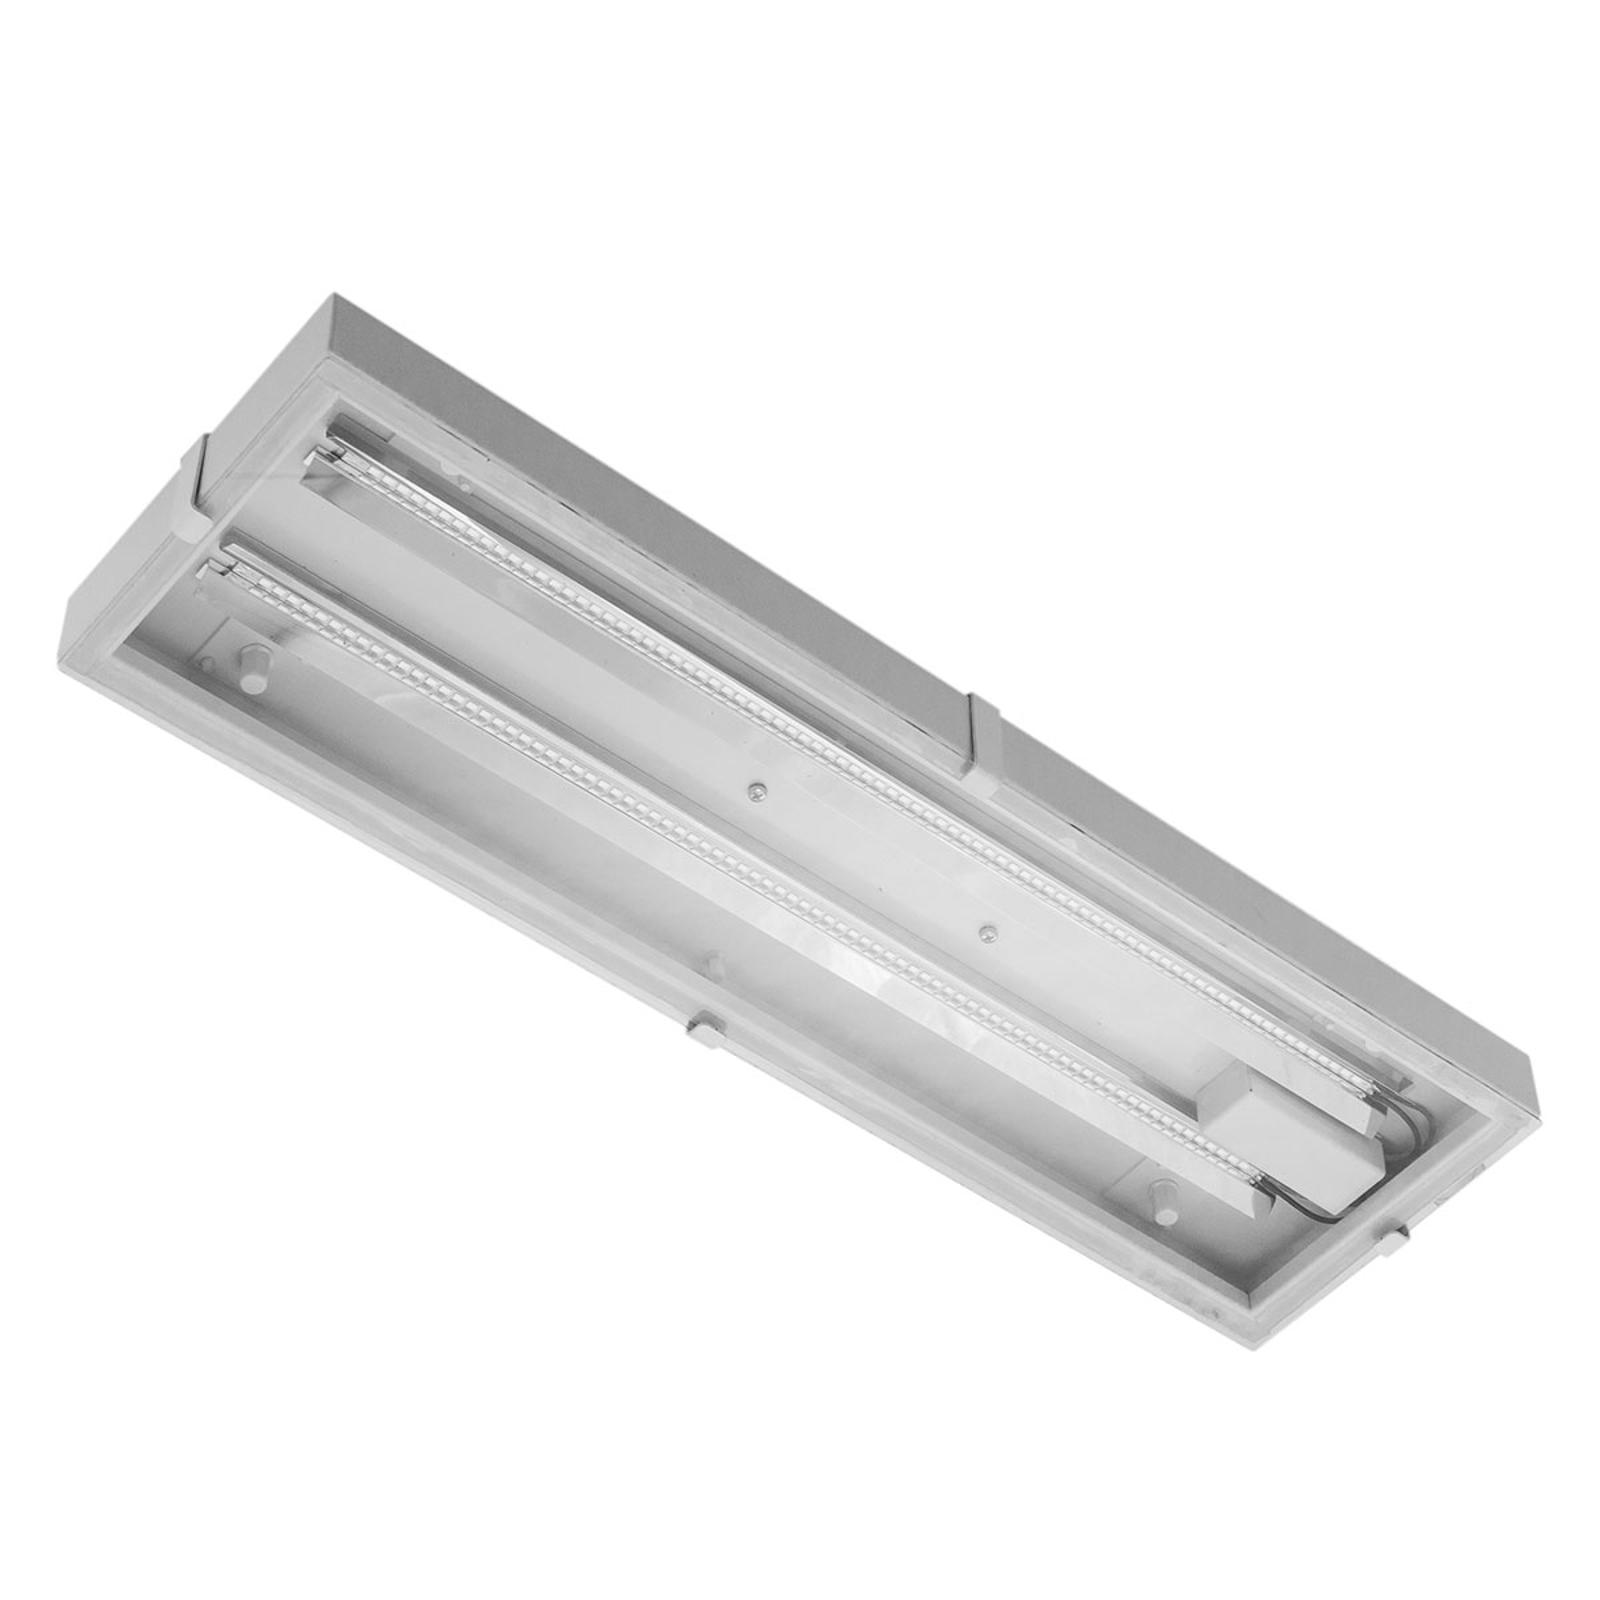 Luminaire LED pour halls Narrow Beam en verre 56W